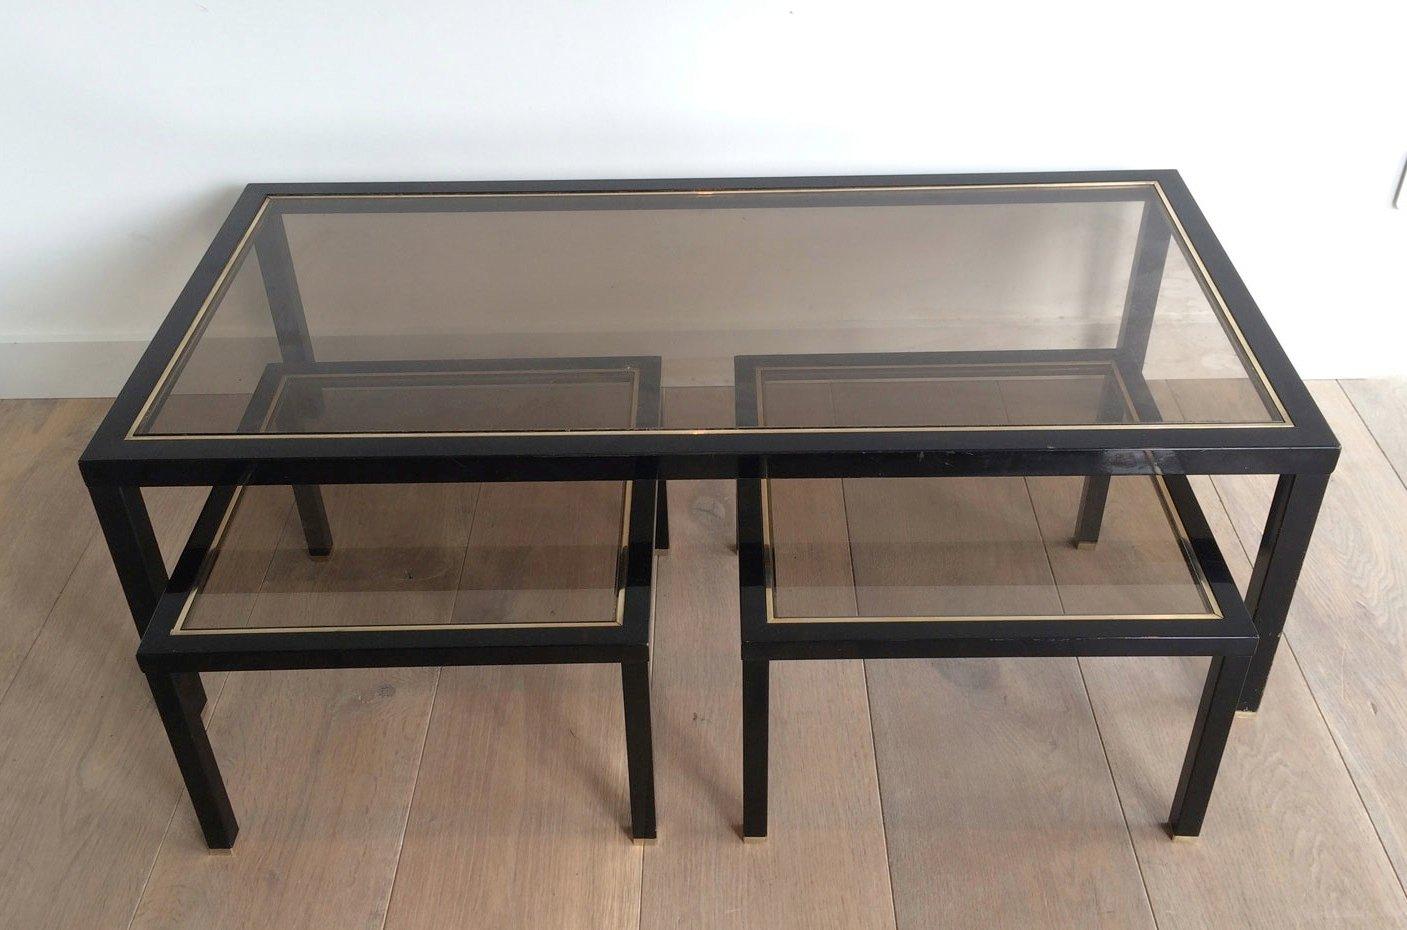 messing couchtisch mit beistelltischen 3er set bei pamono kaufen. Black Bedroom Furniture Sets. Home Design Ideas